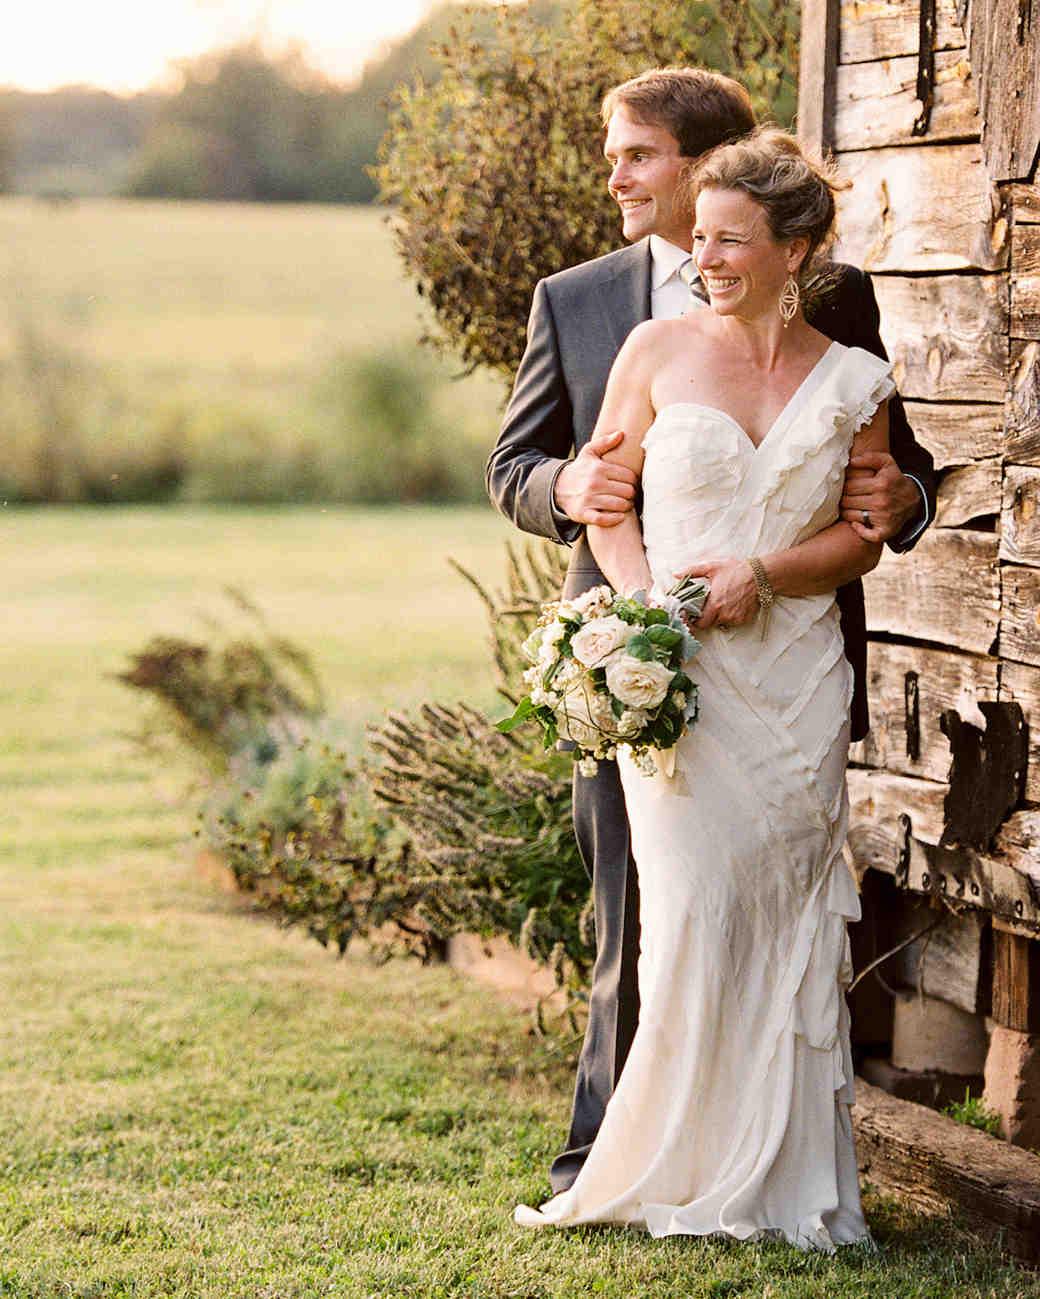 Martha Stewart Weddings: A Vintage DIY Wedding On A Farm In Virginia